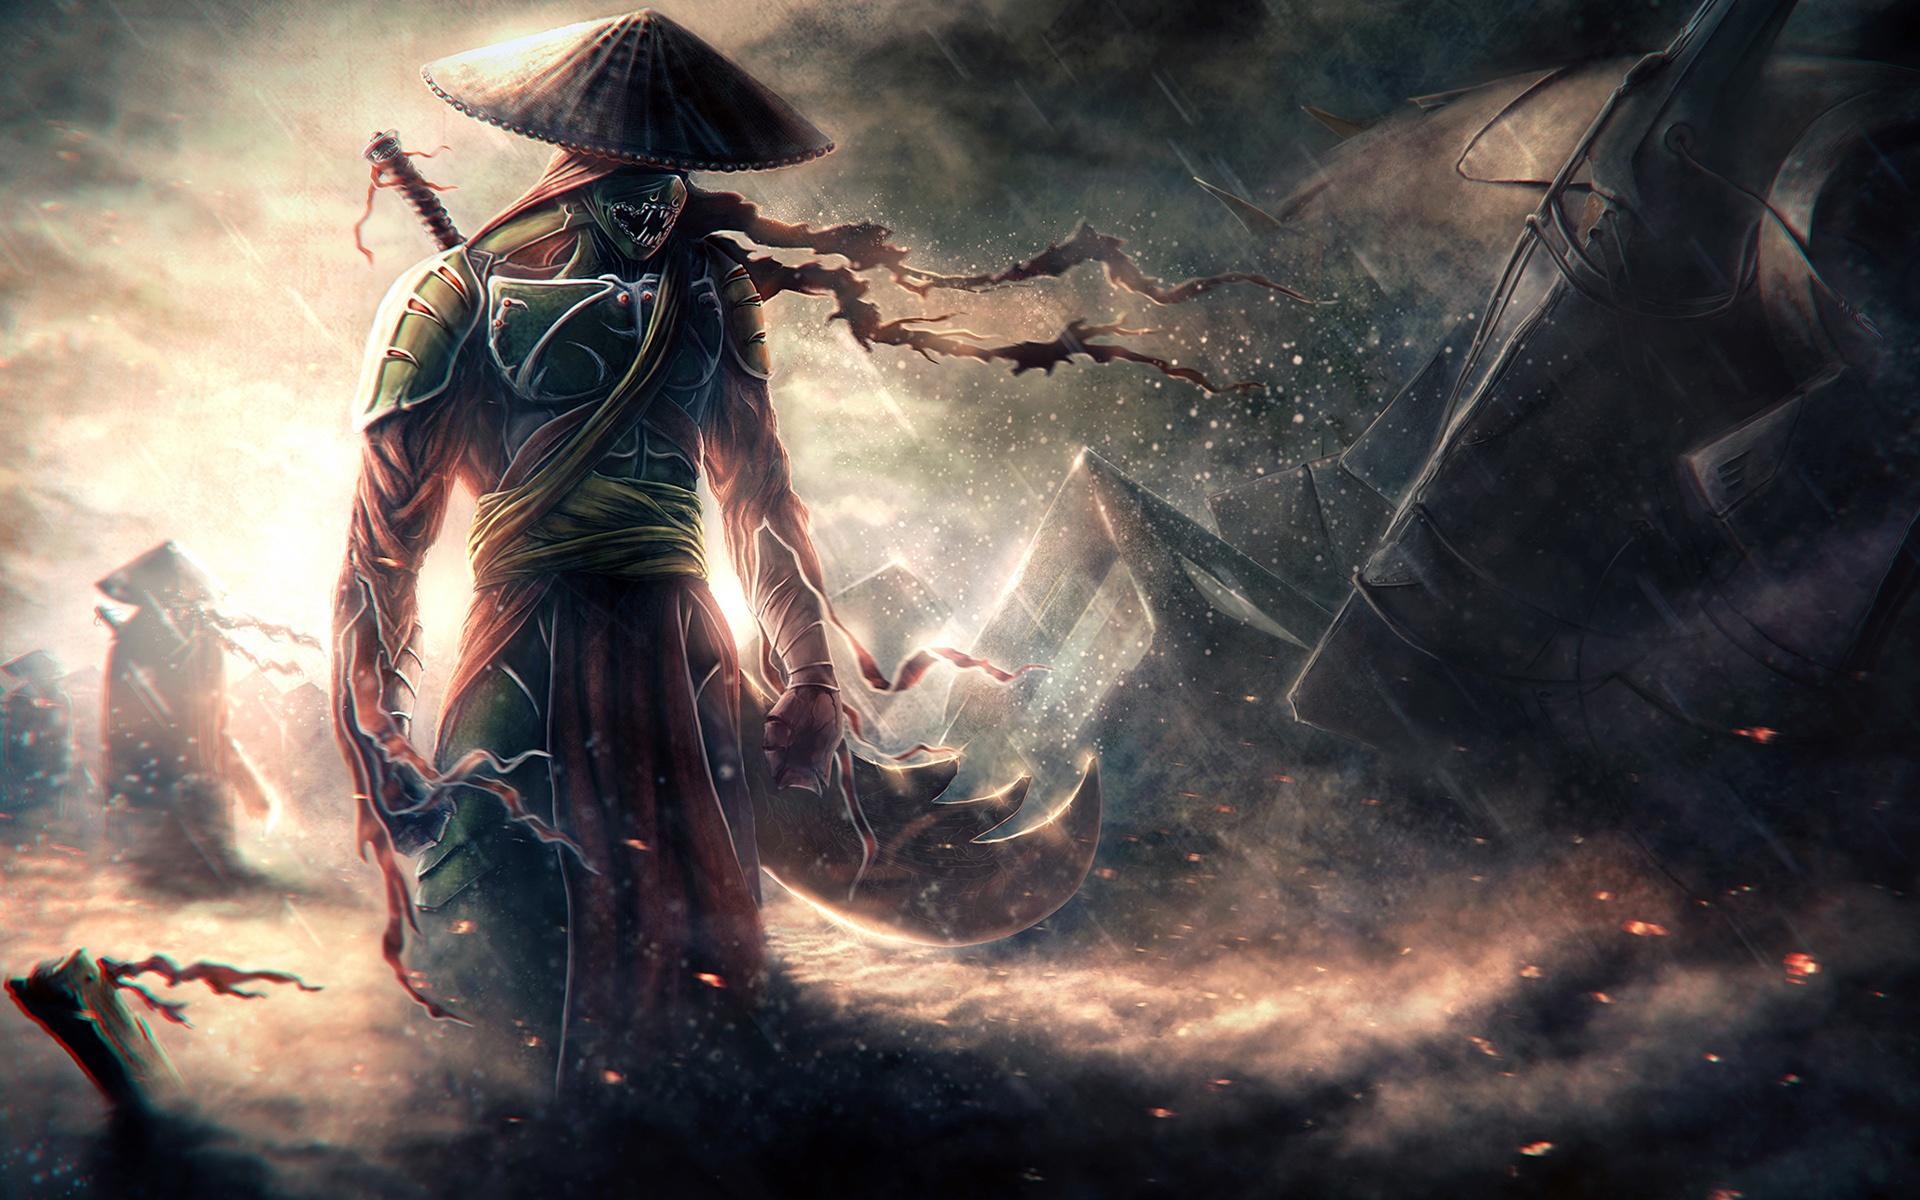 pirate face warrior hearthstone decks